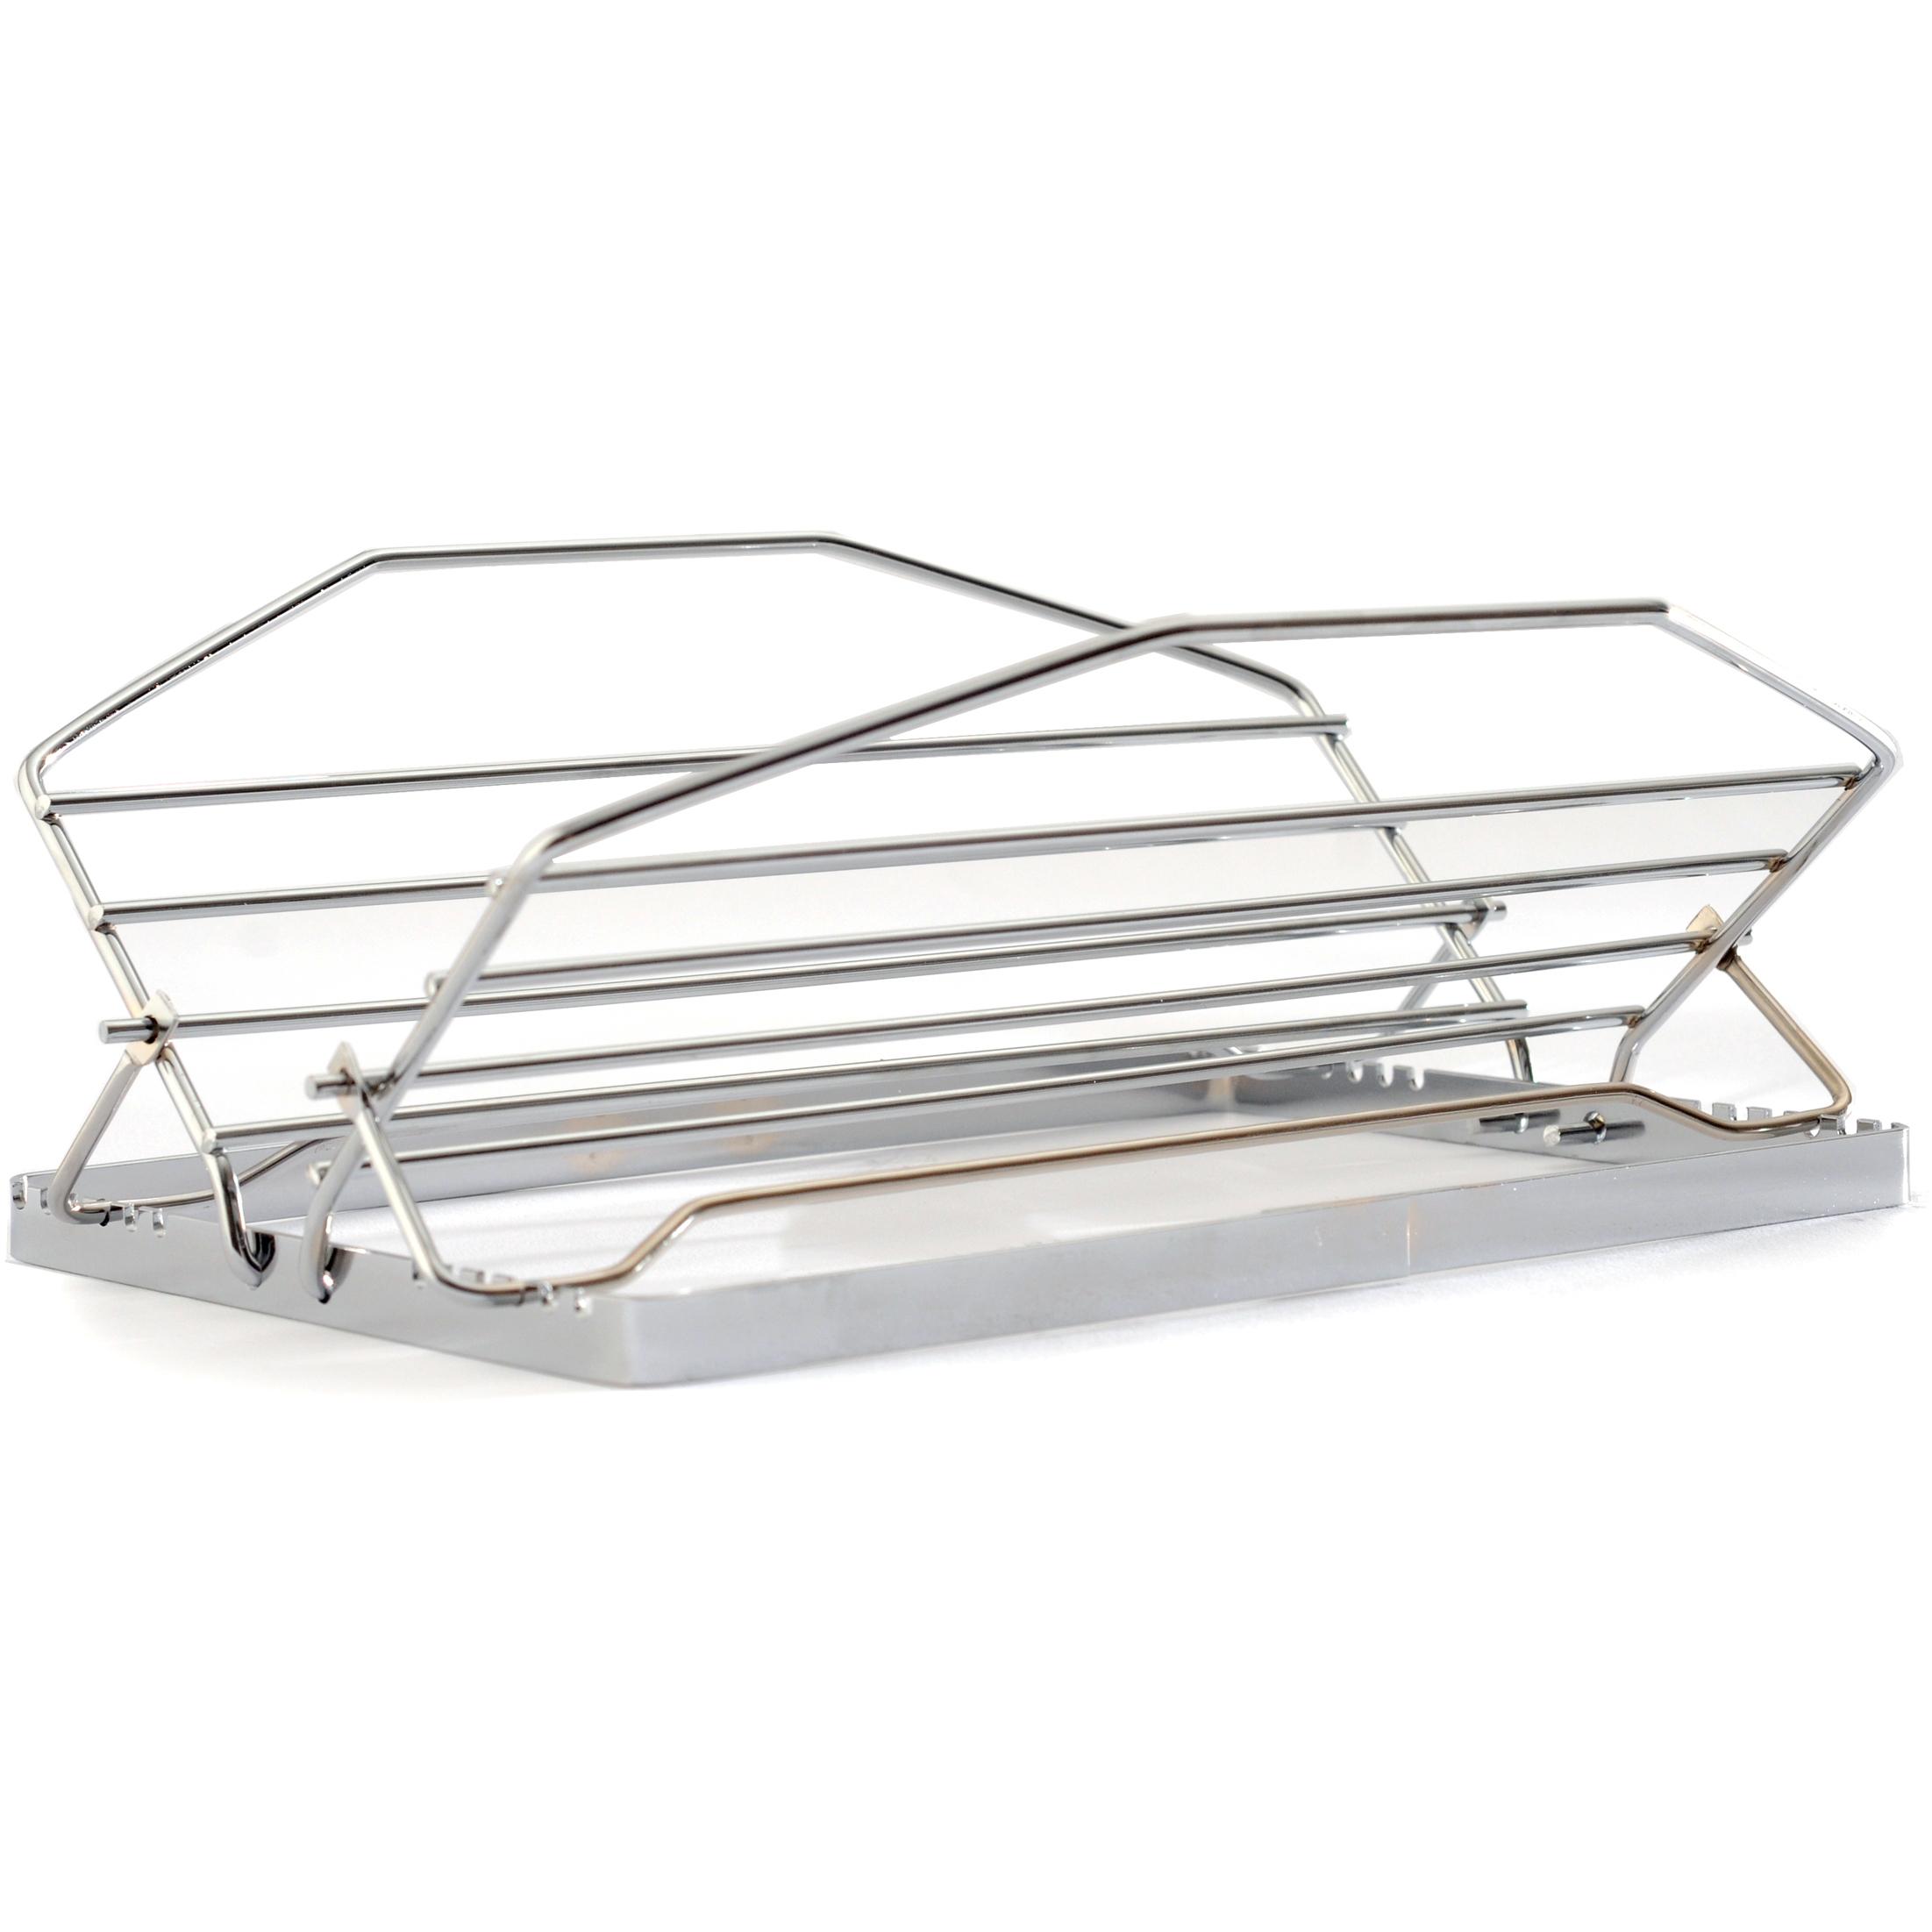 Norpro Chrome Plated Adjustable Roast Rack